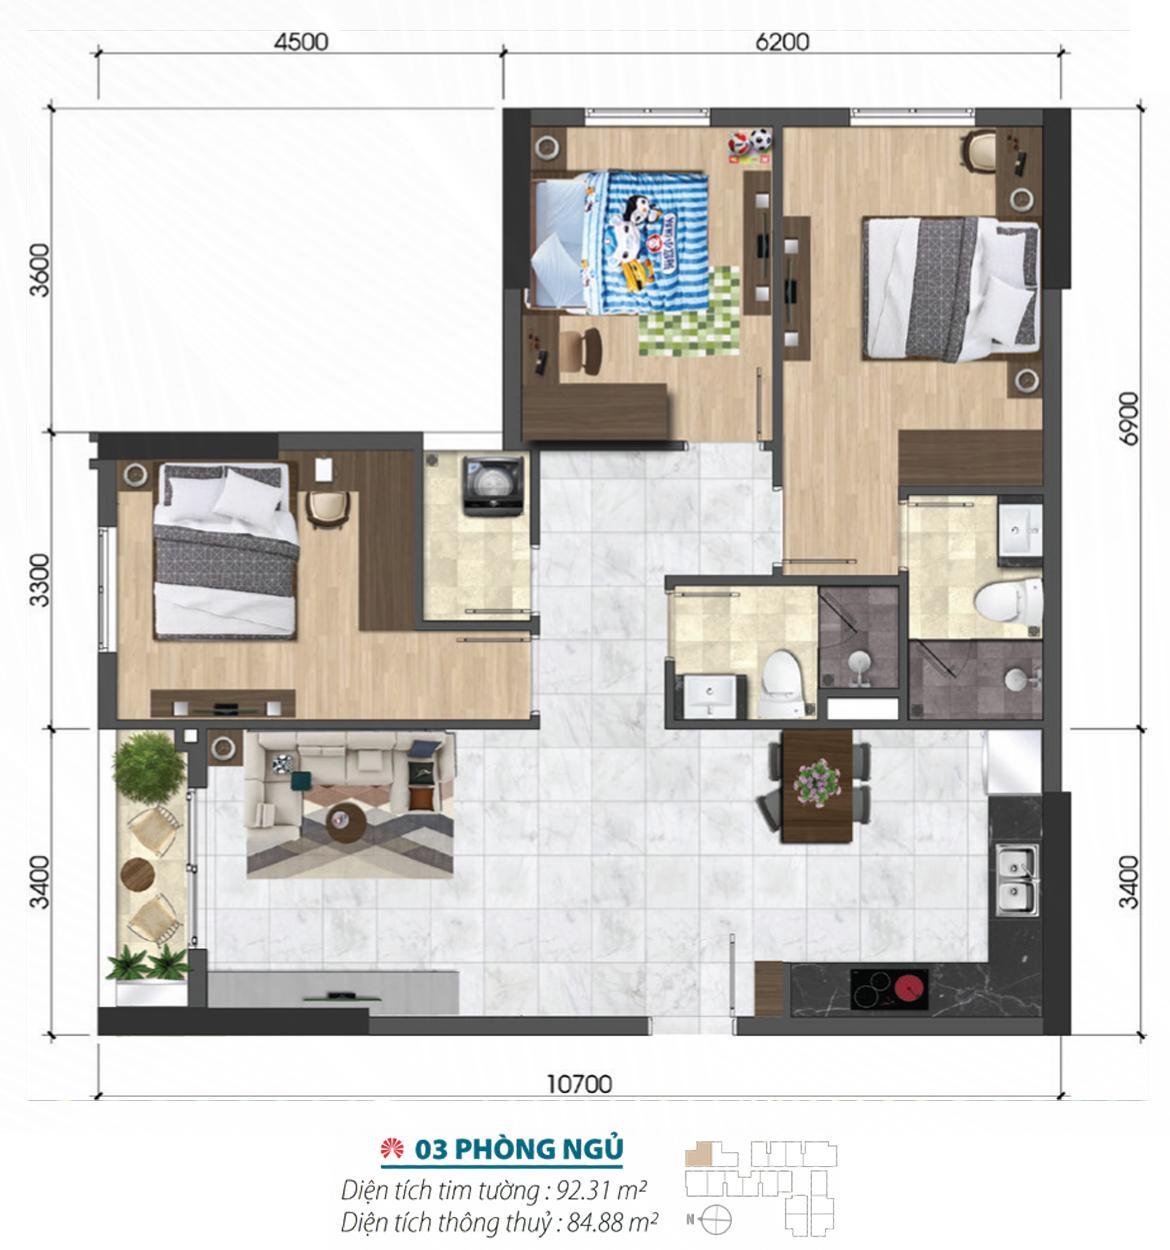 Thiết kế chi tiết căn hộ chung cư quận 6 loại 3 phòng ngủ diện tích 92m2 – Liên hệ 0942.098.890 nhận báo giá căn này